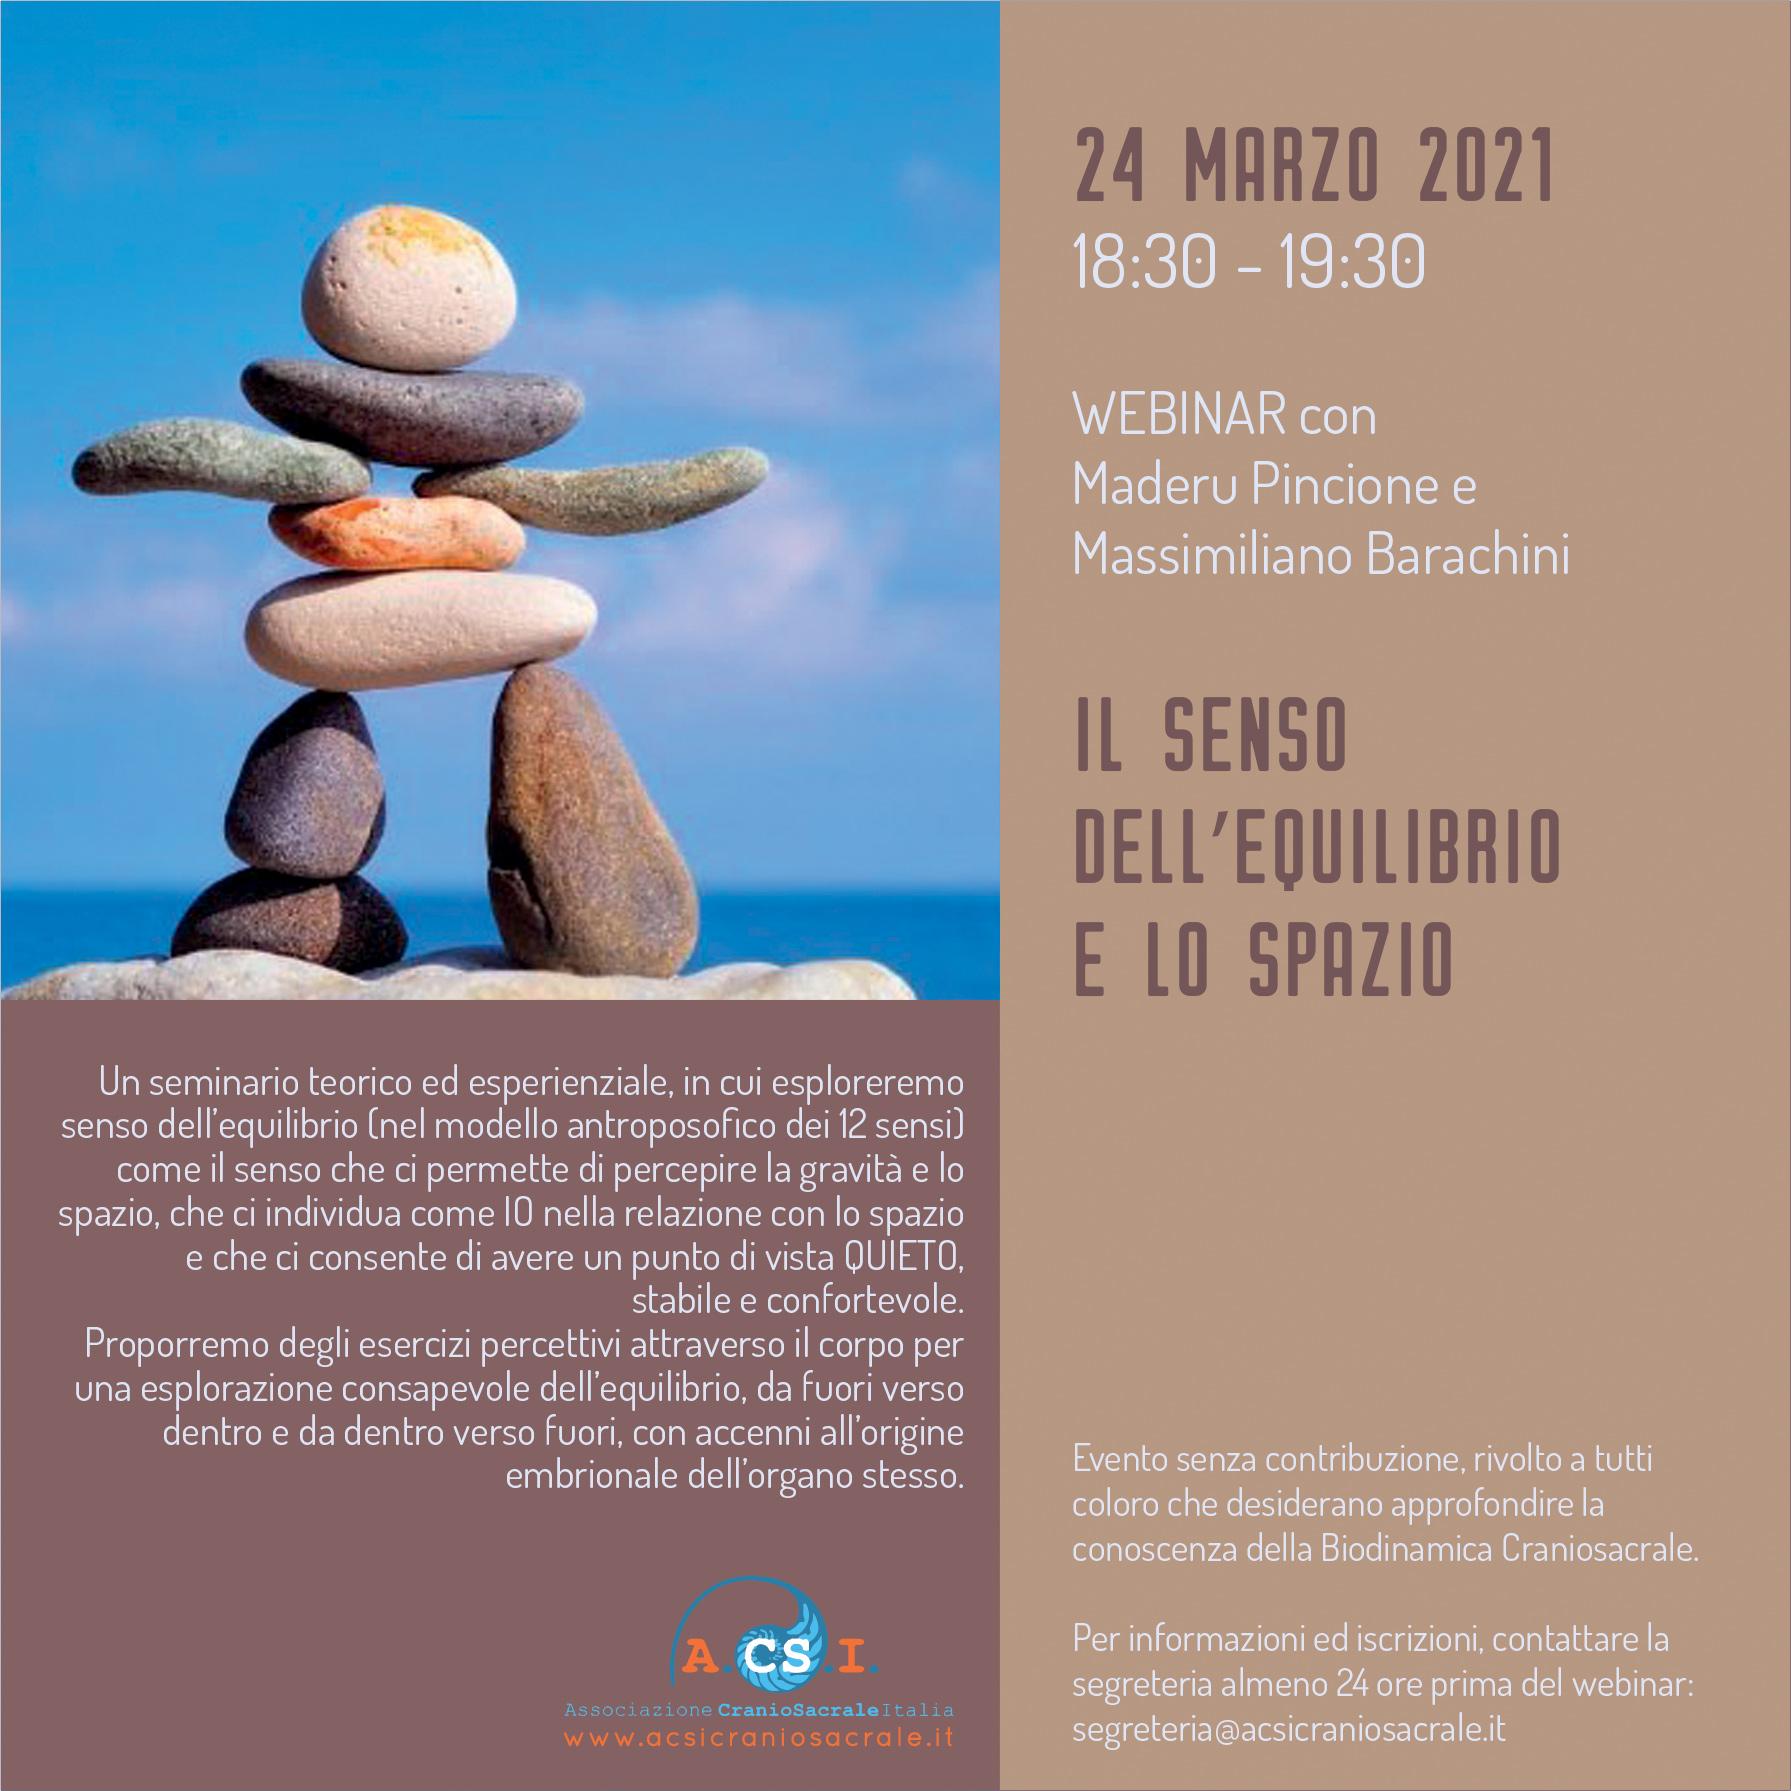 Webinar Soci Istruttori A.CS.I.: Il senso dell'equilibrio e lo spazio